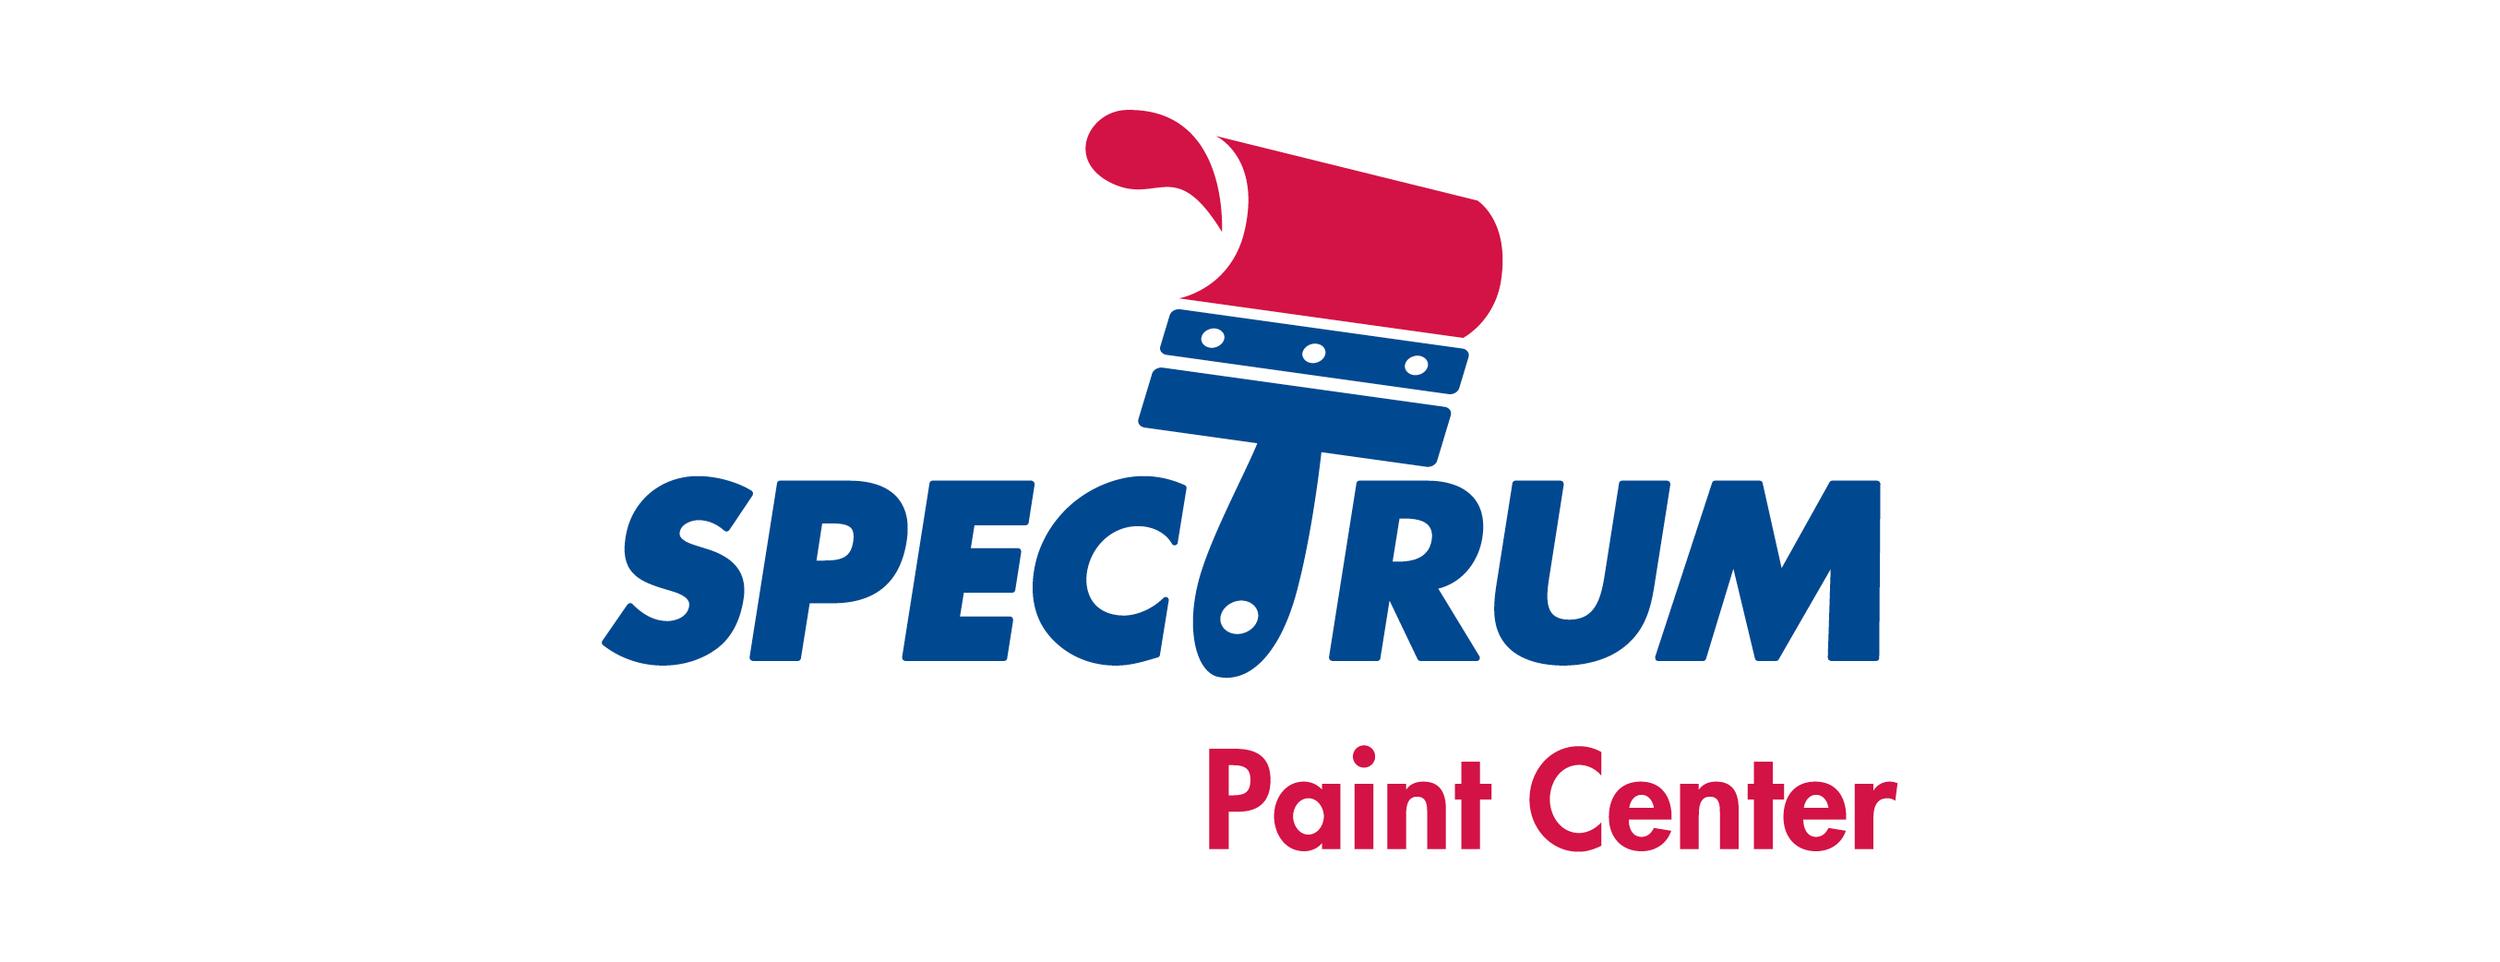 Spectrum Paint Center